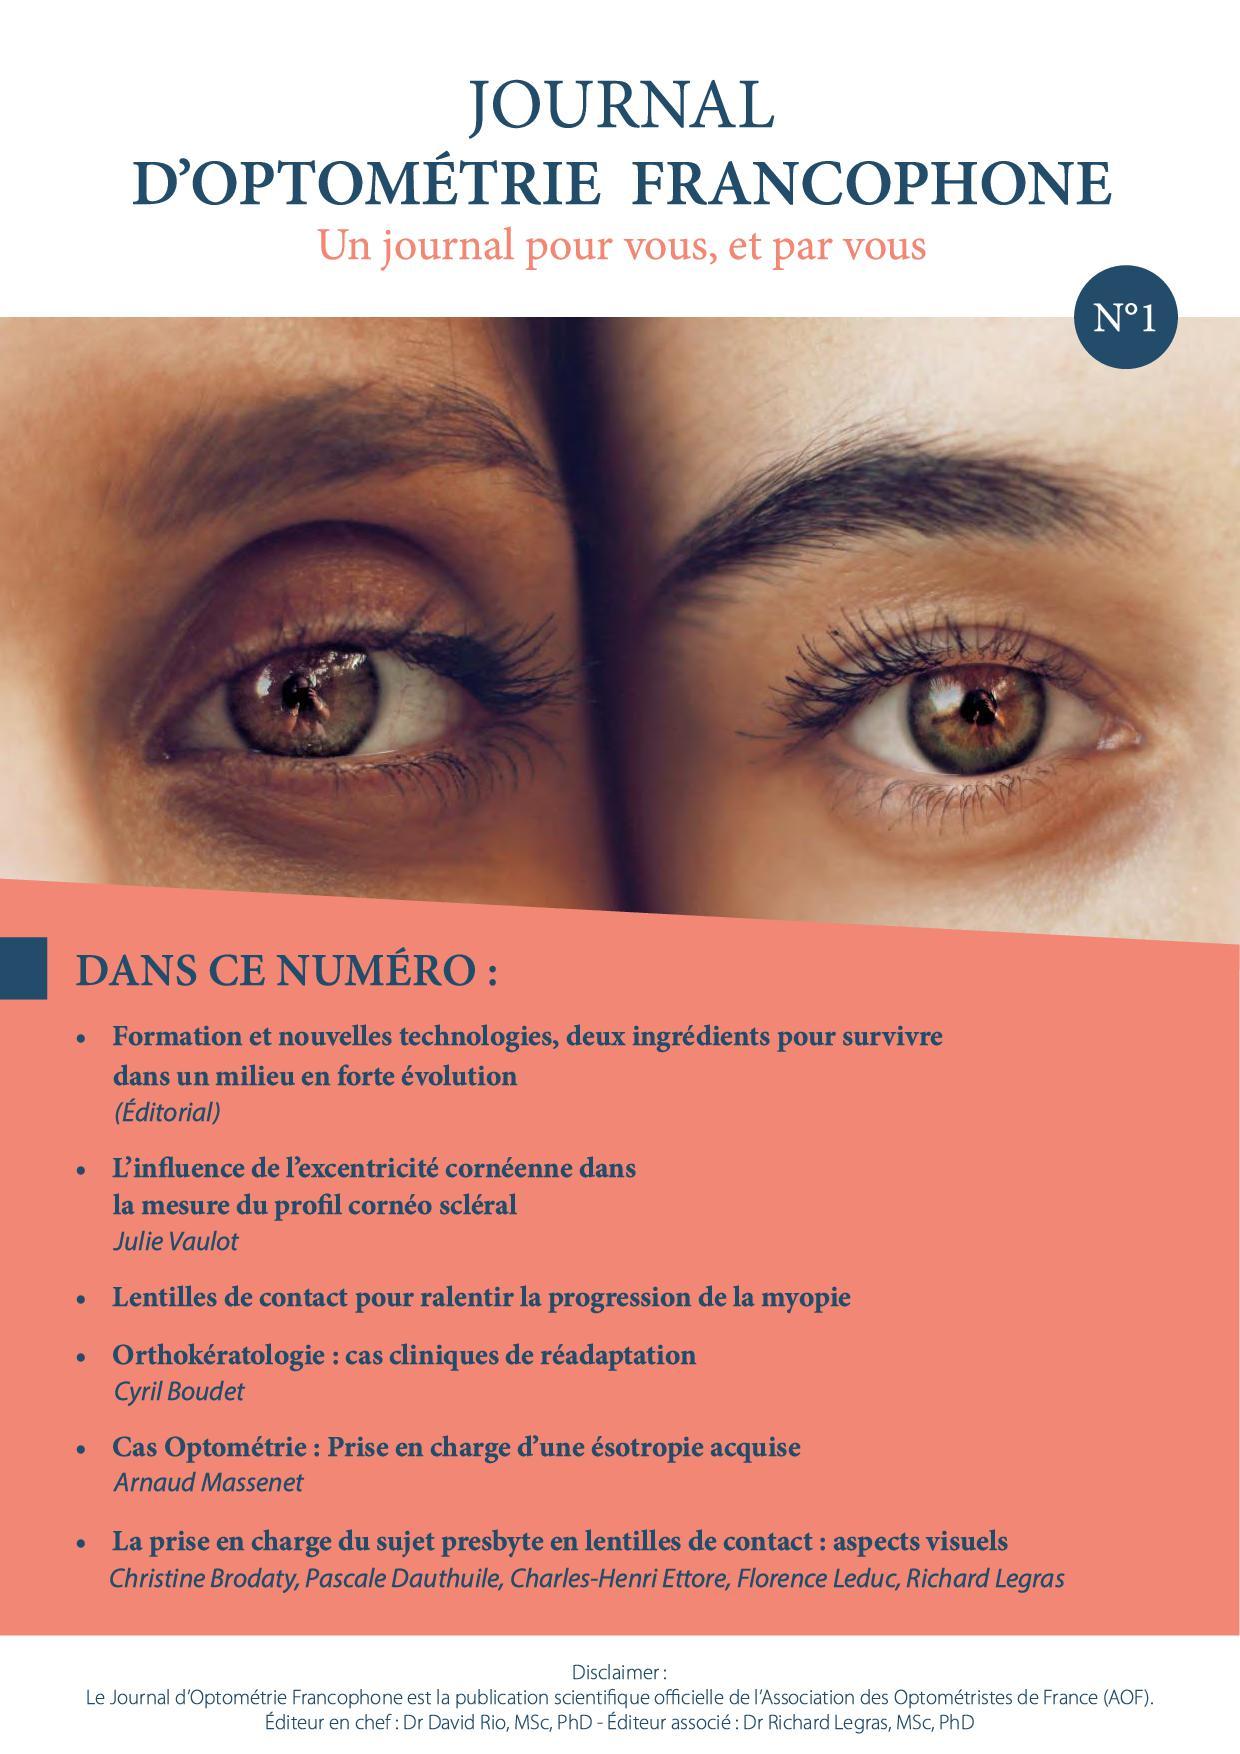 Premier numéro du Journal d'Optométrie Francophone